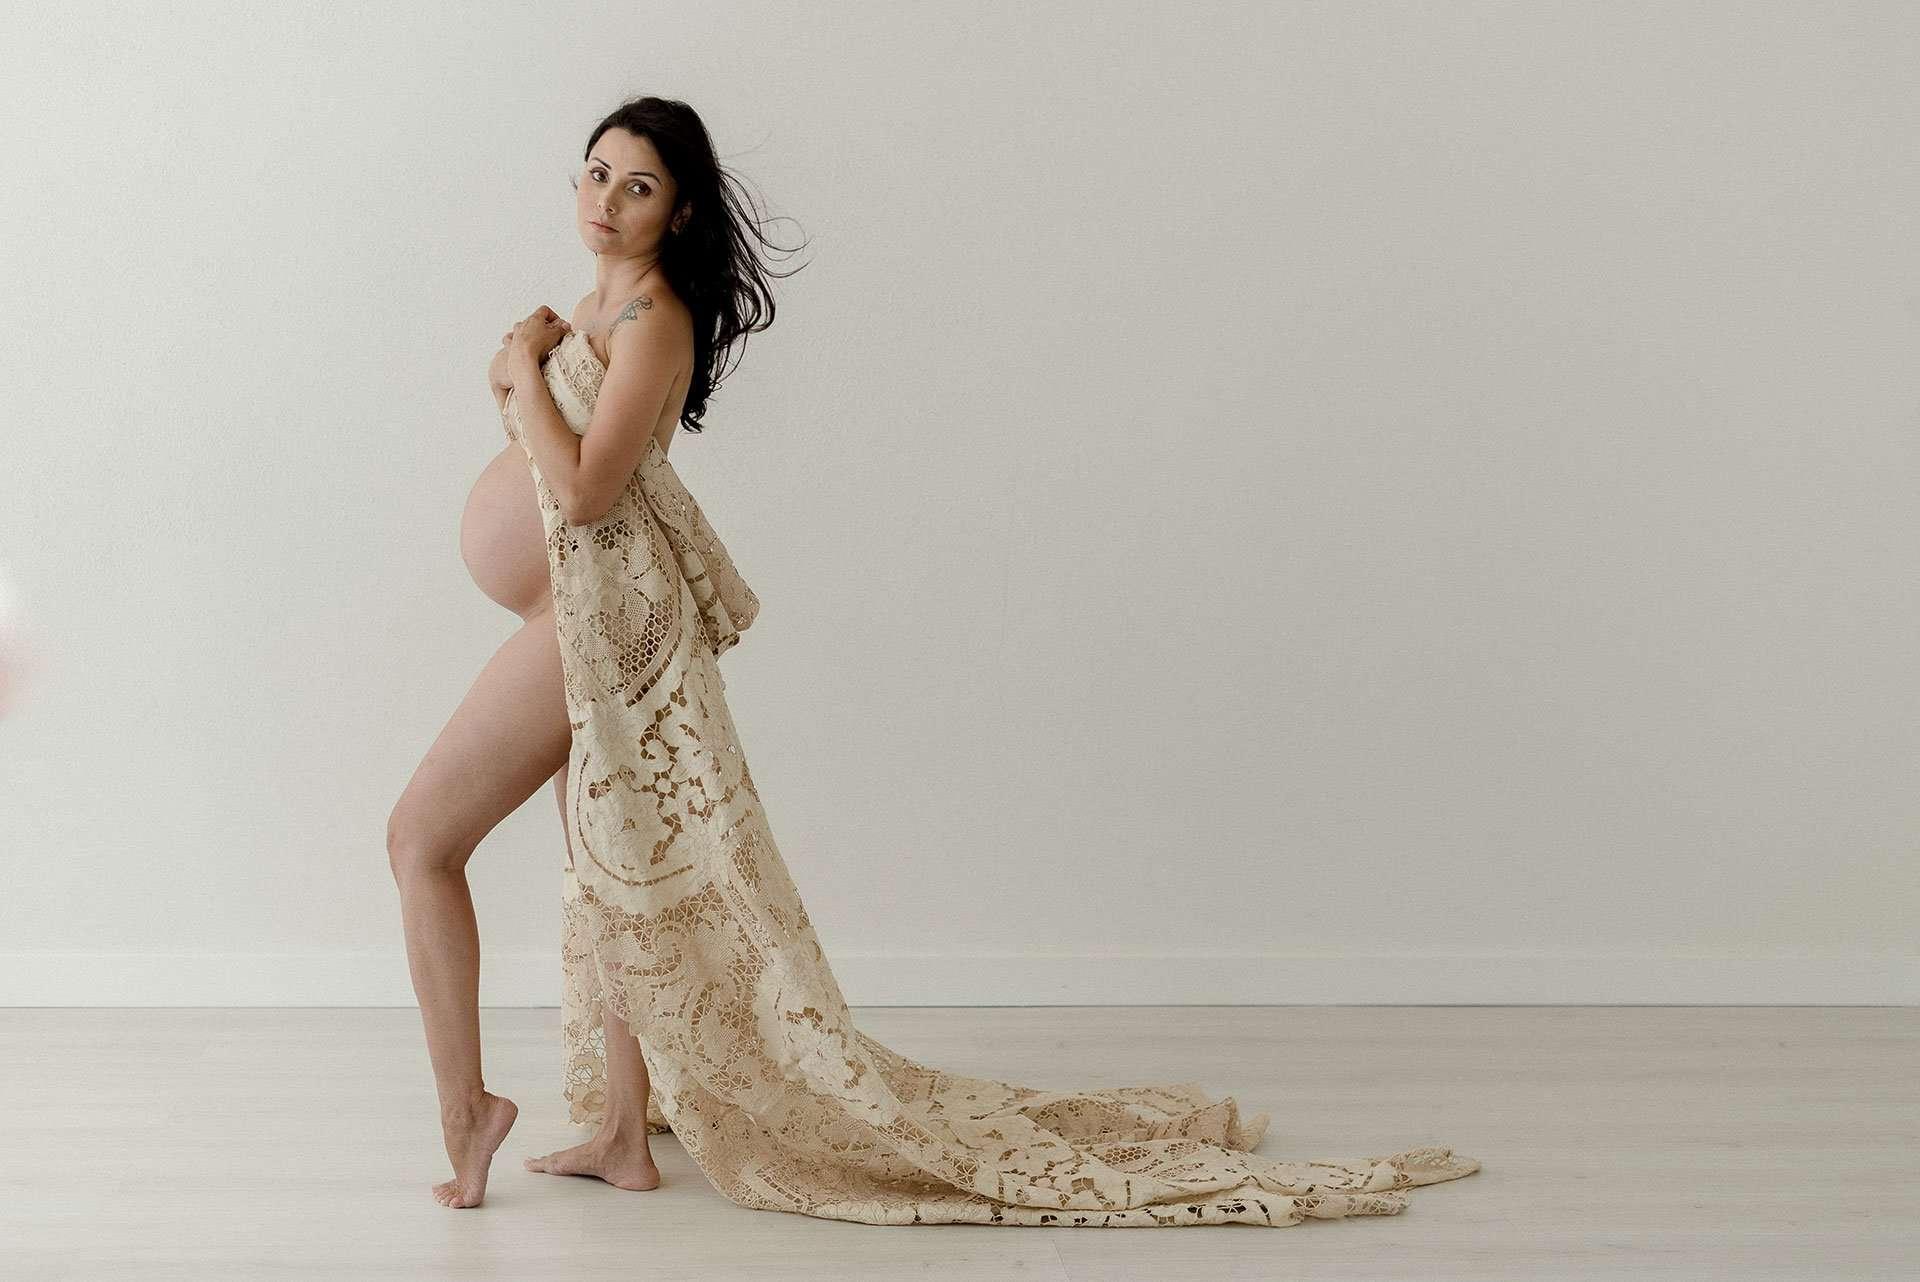 Giselle telo beige